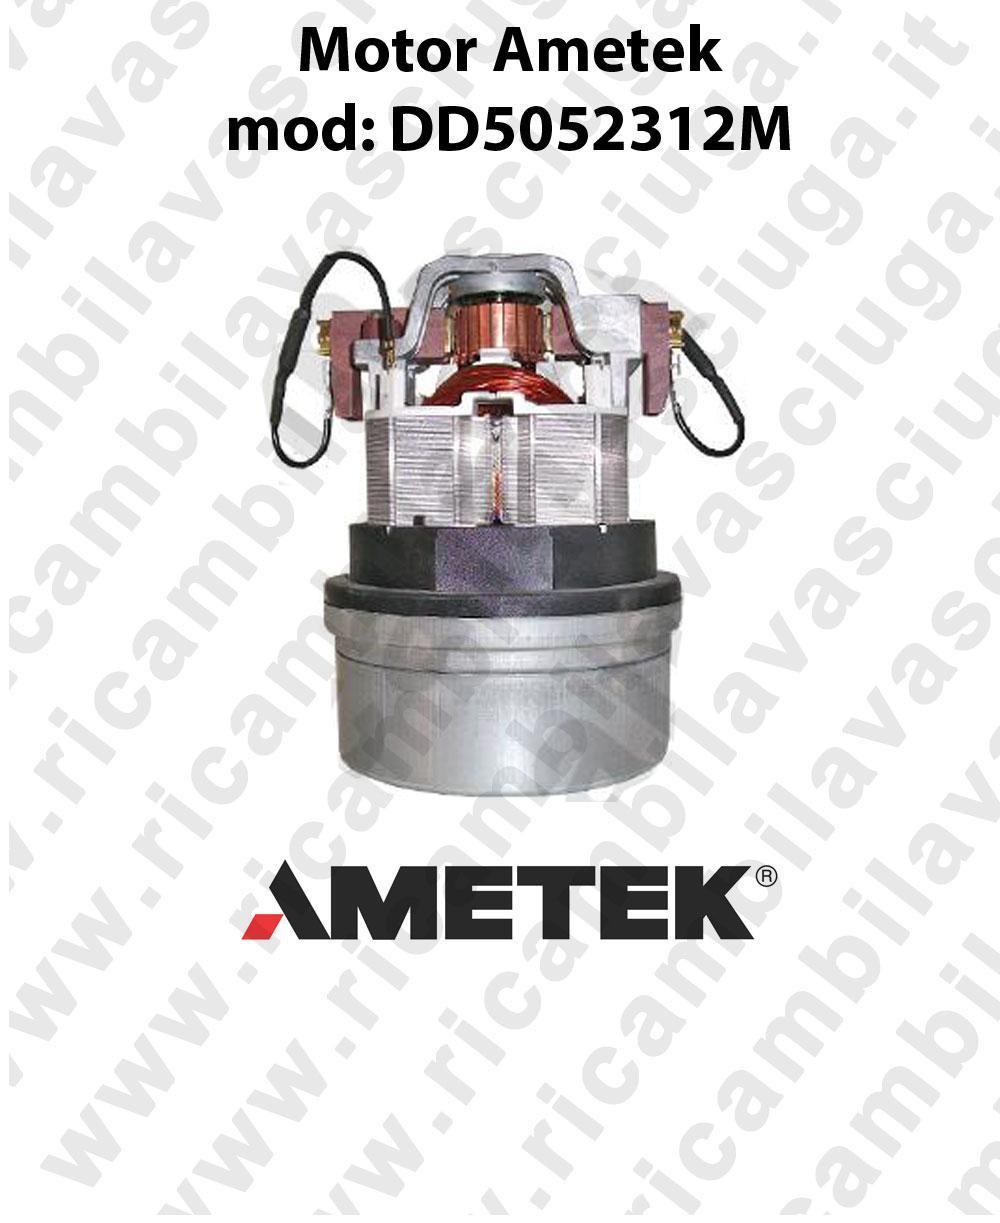 DD5052312M Saugmotor AMETEK für Staubsauger und scheuersaugmaschinen